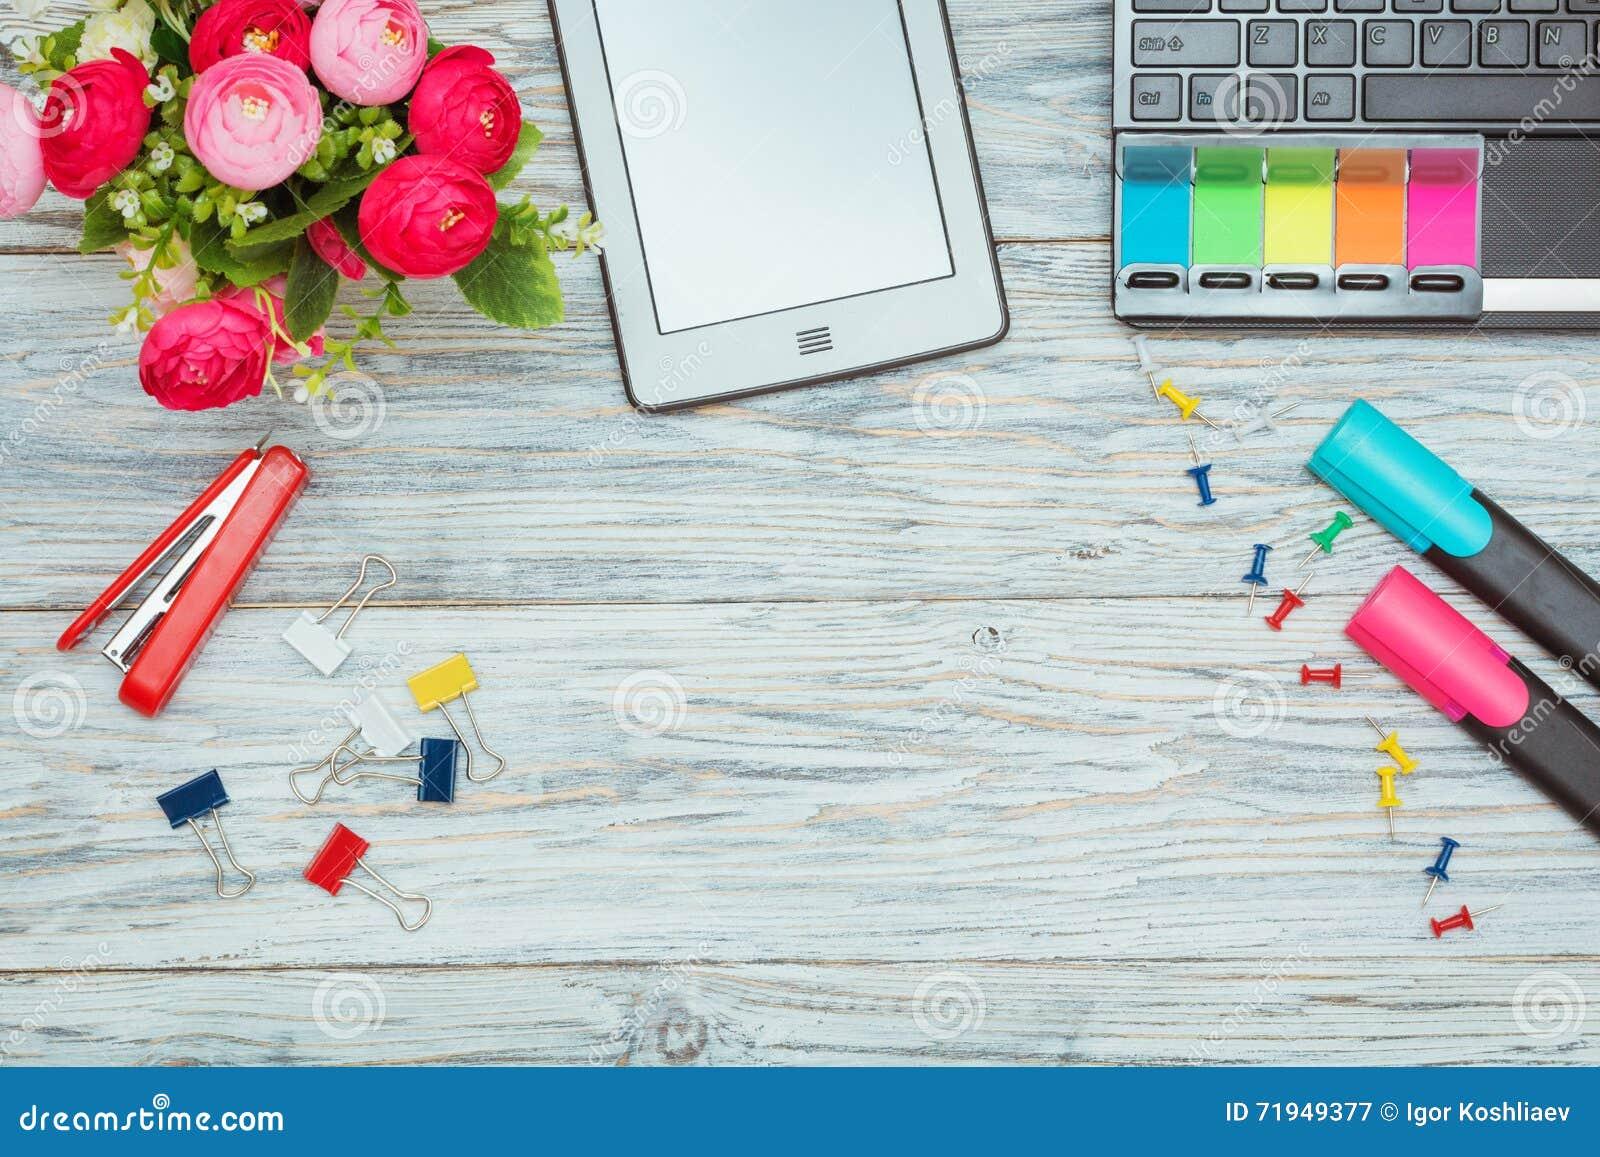 Канцелярские принадлежности, цветки и компьтер-книжка